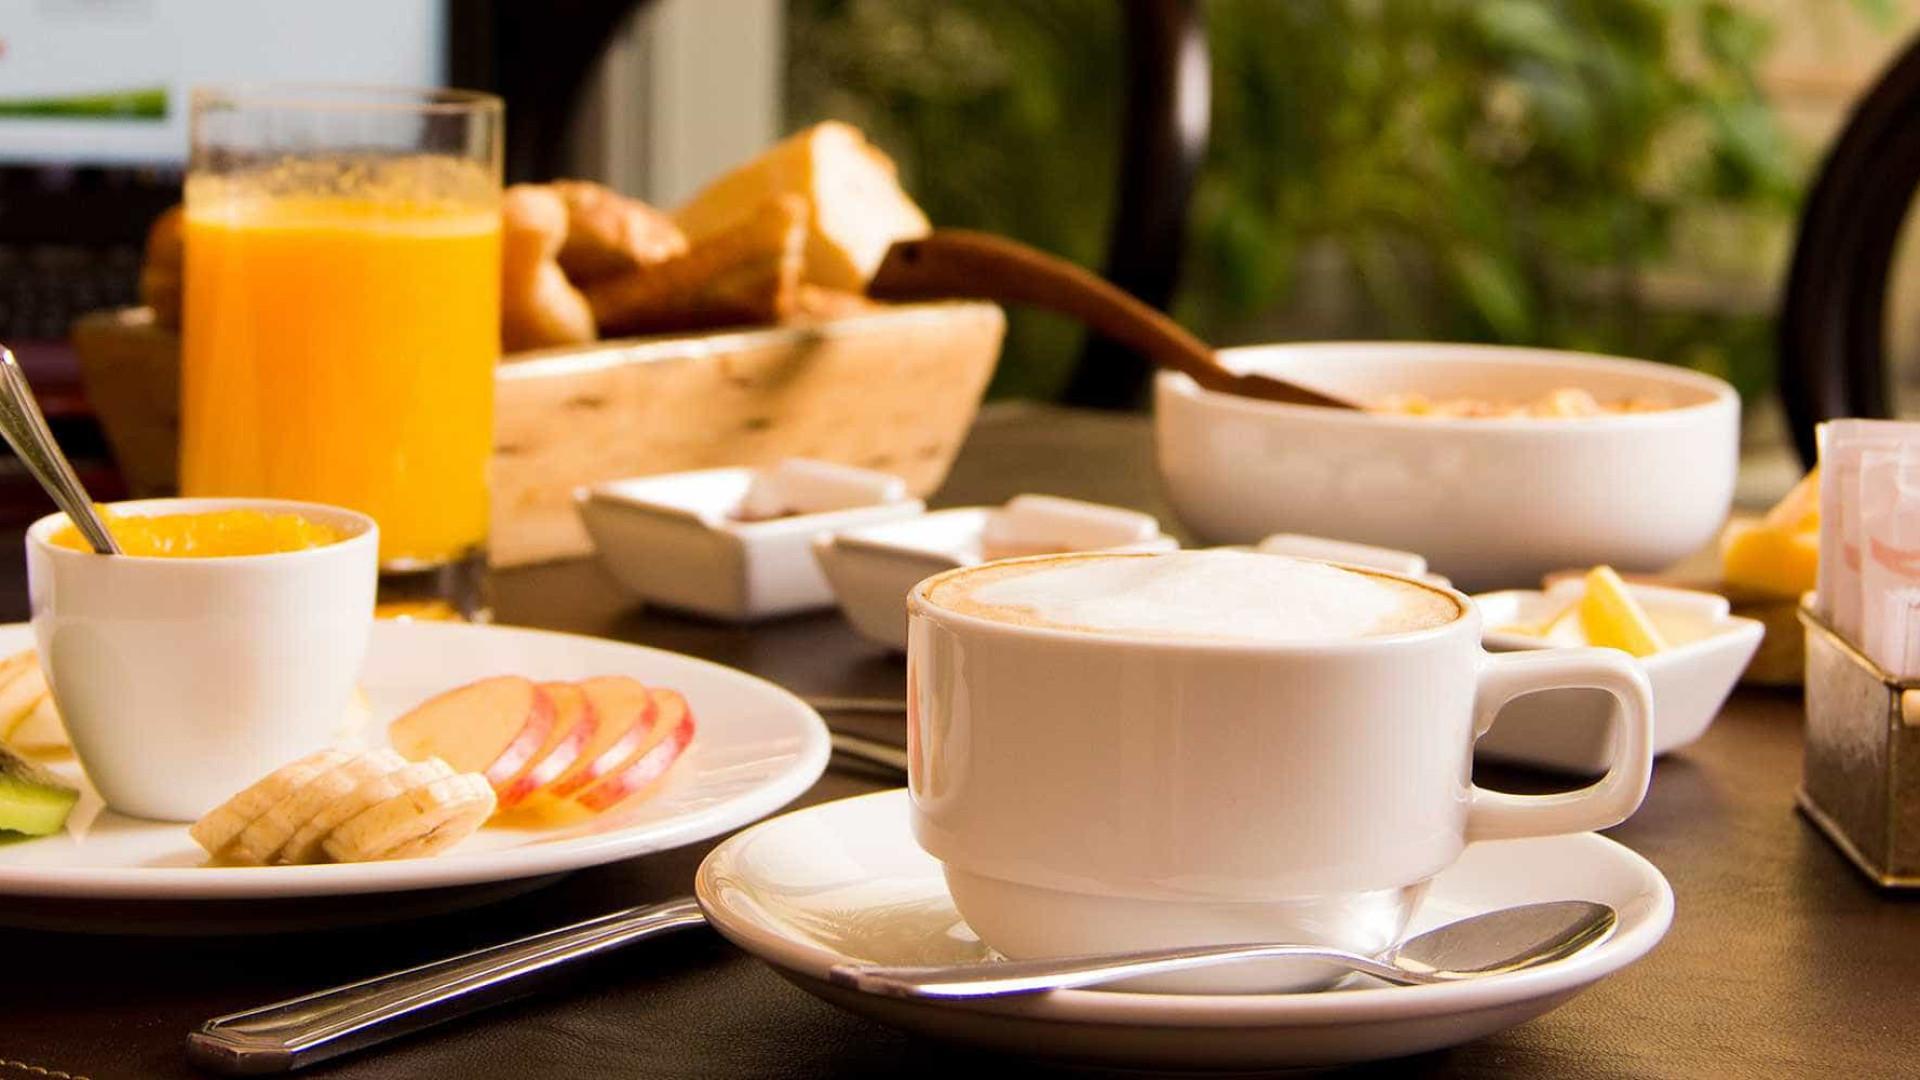 Café da manhã é importante? 8 Mitos e verdades sobre a refeição